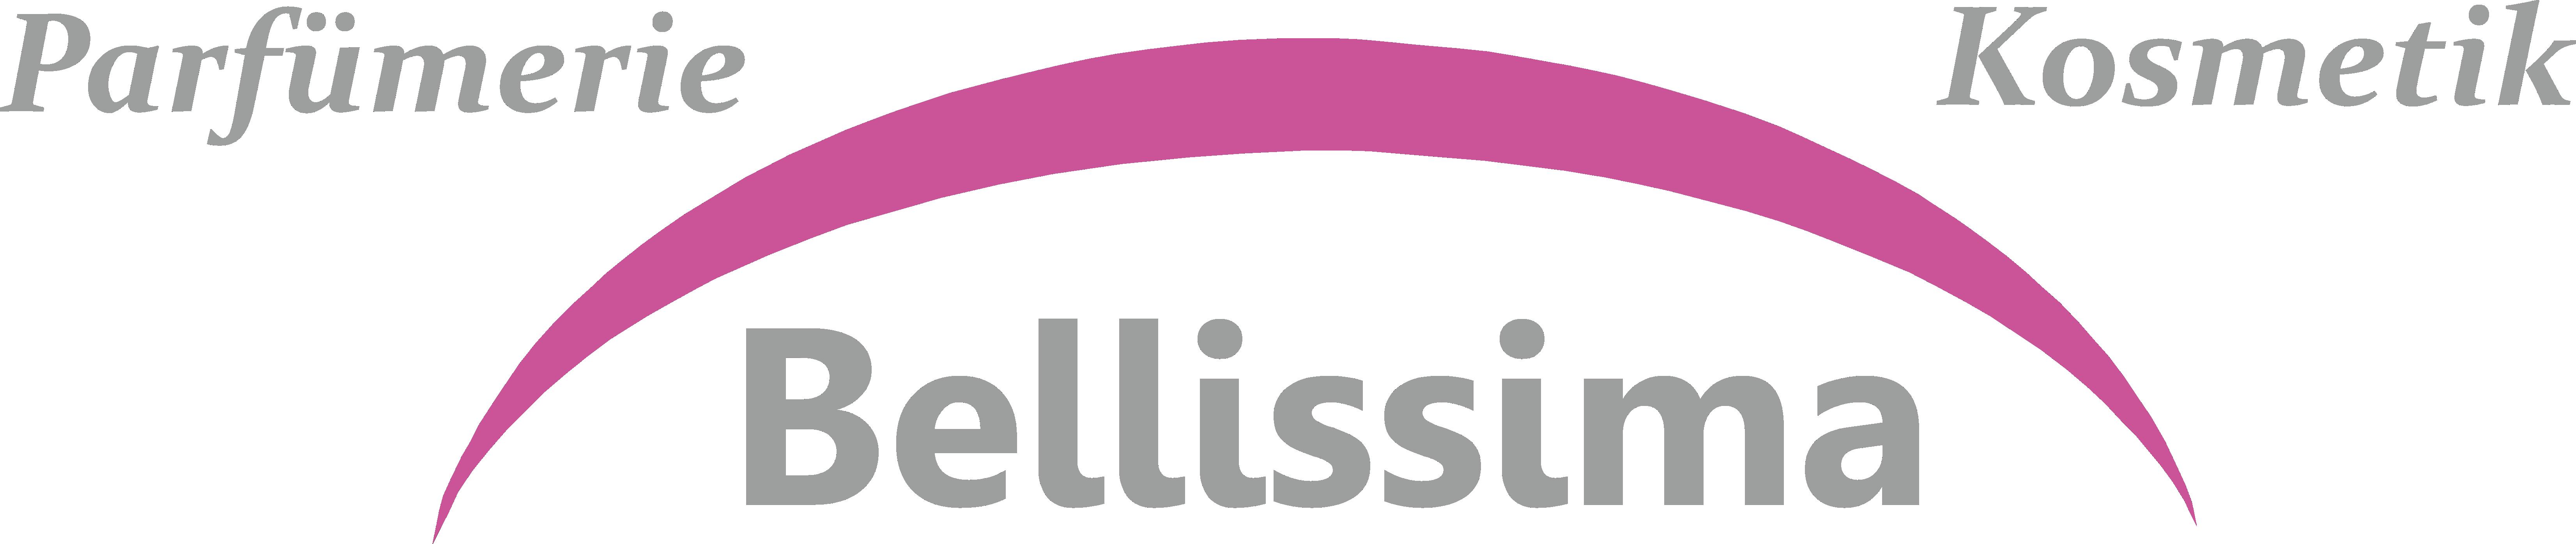 Parfümerie Bellissima